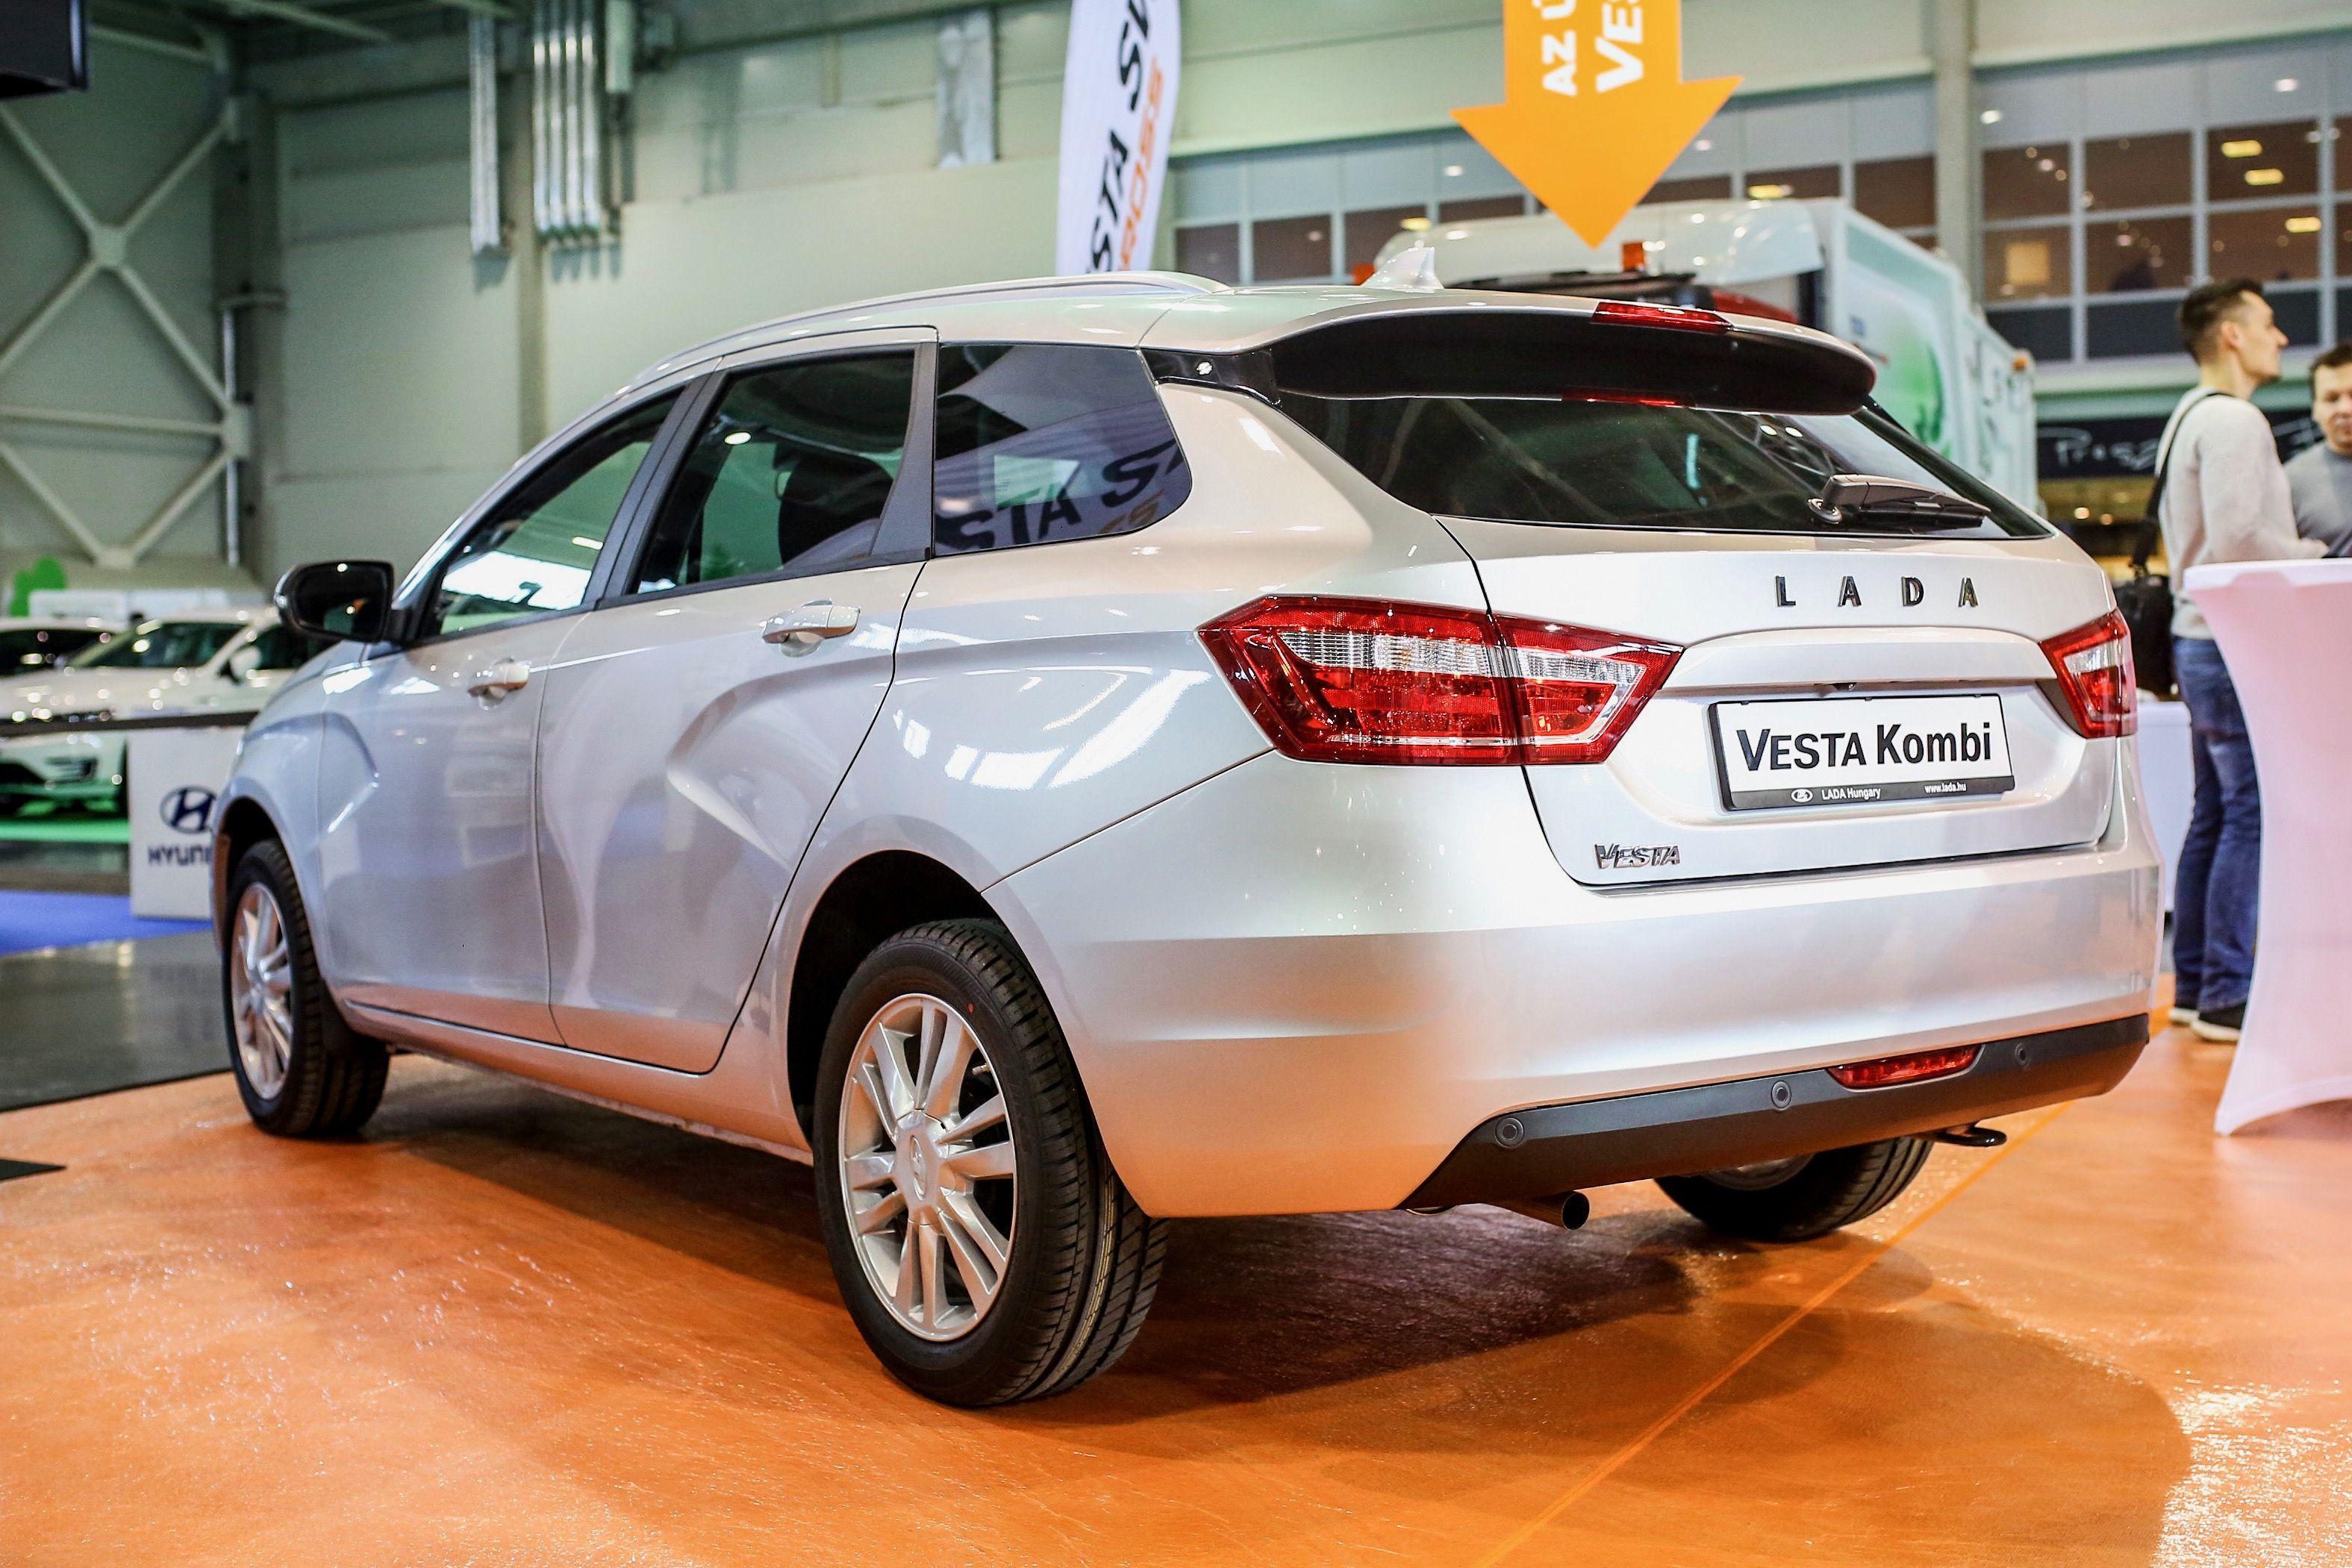 Lada Vesta Kombi Es Sw Cross Lada Vesta Vesta Upcoming Cars